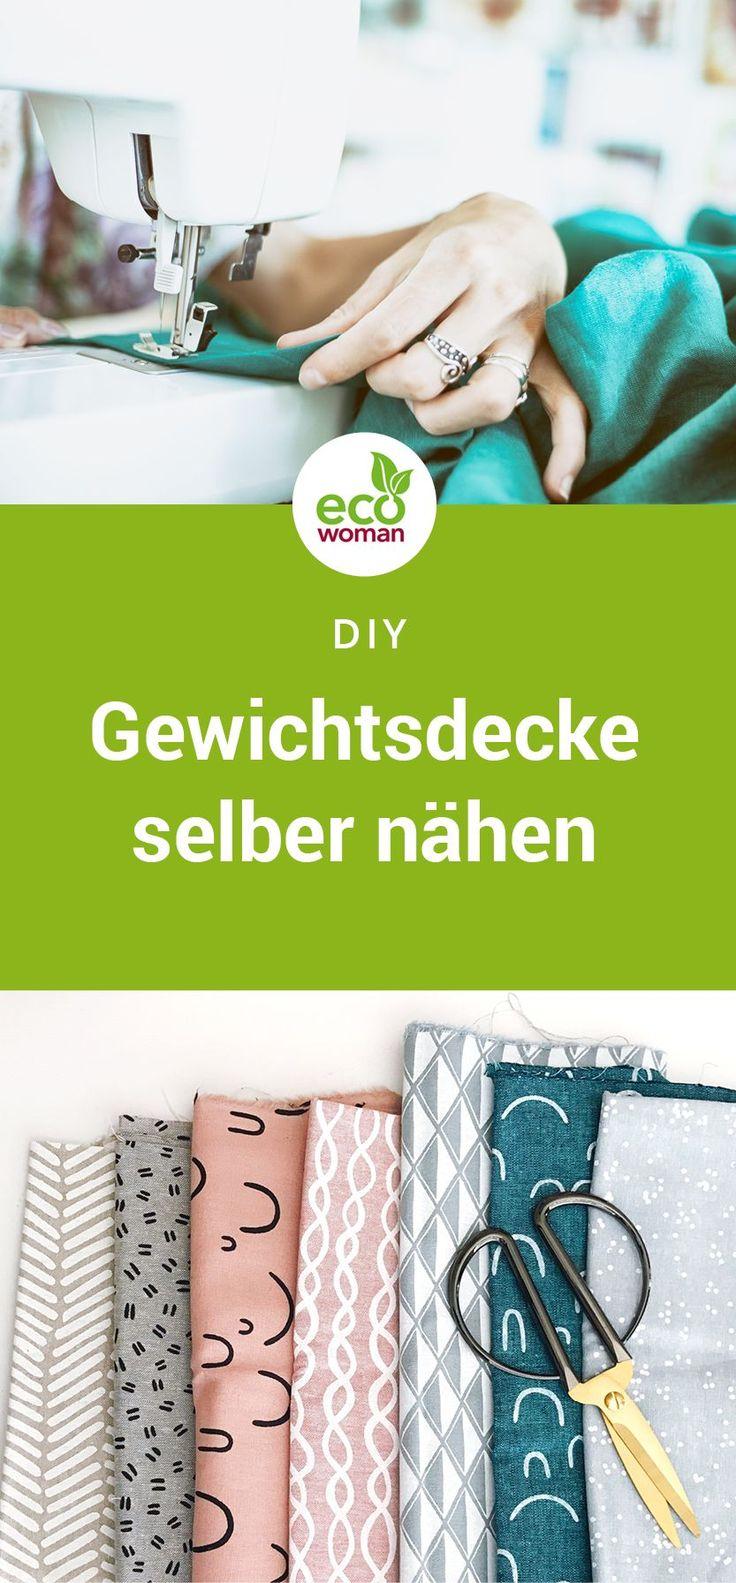 Gewichtsdecke DIY: der ultimative Einschlaftipp!